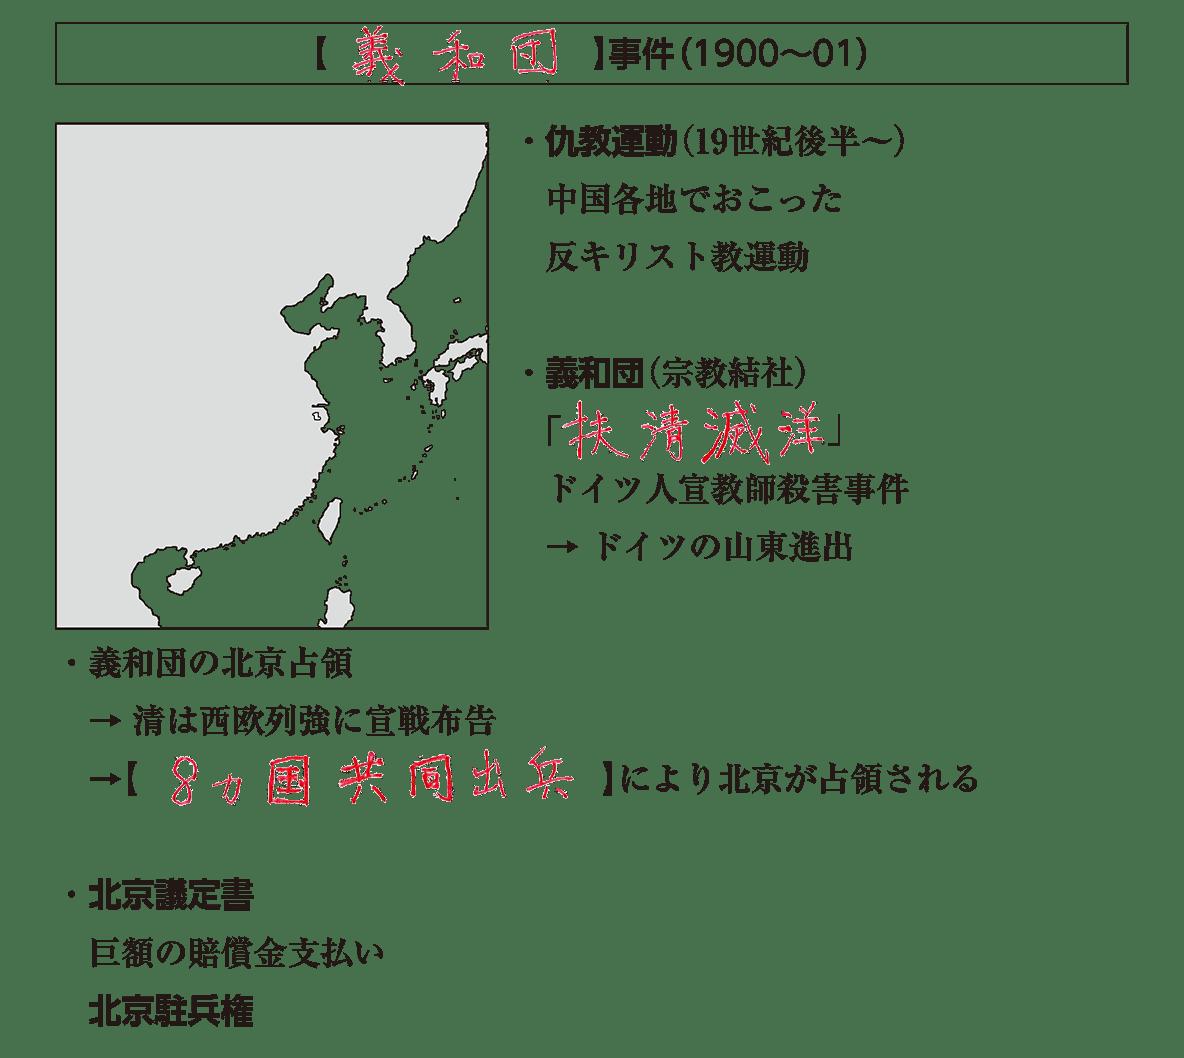 帝国主義と東アジア2 ポイント1 答え全部